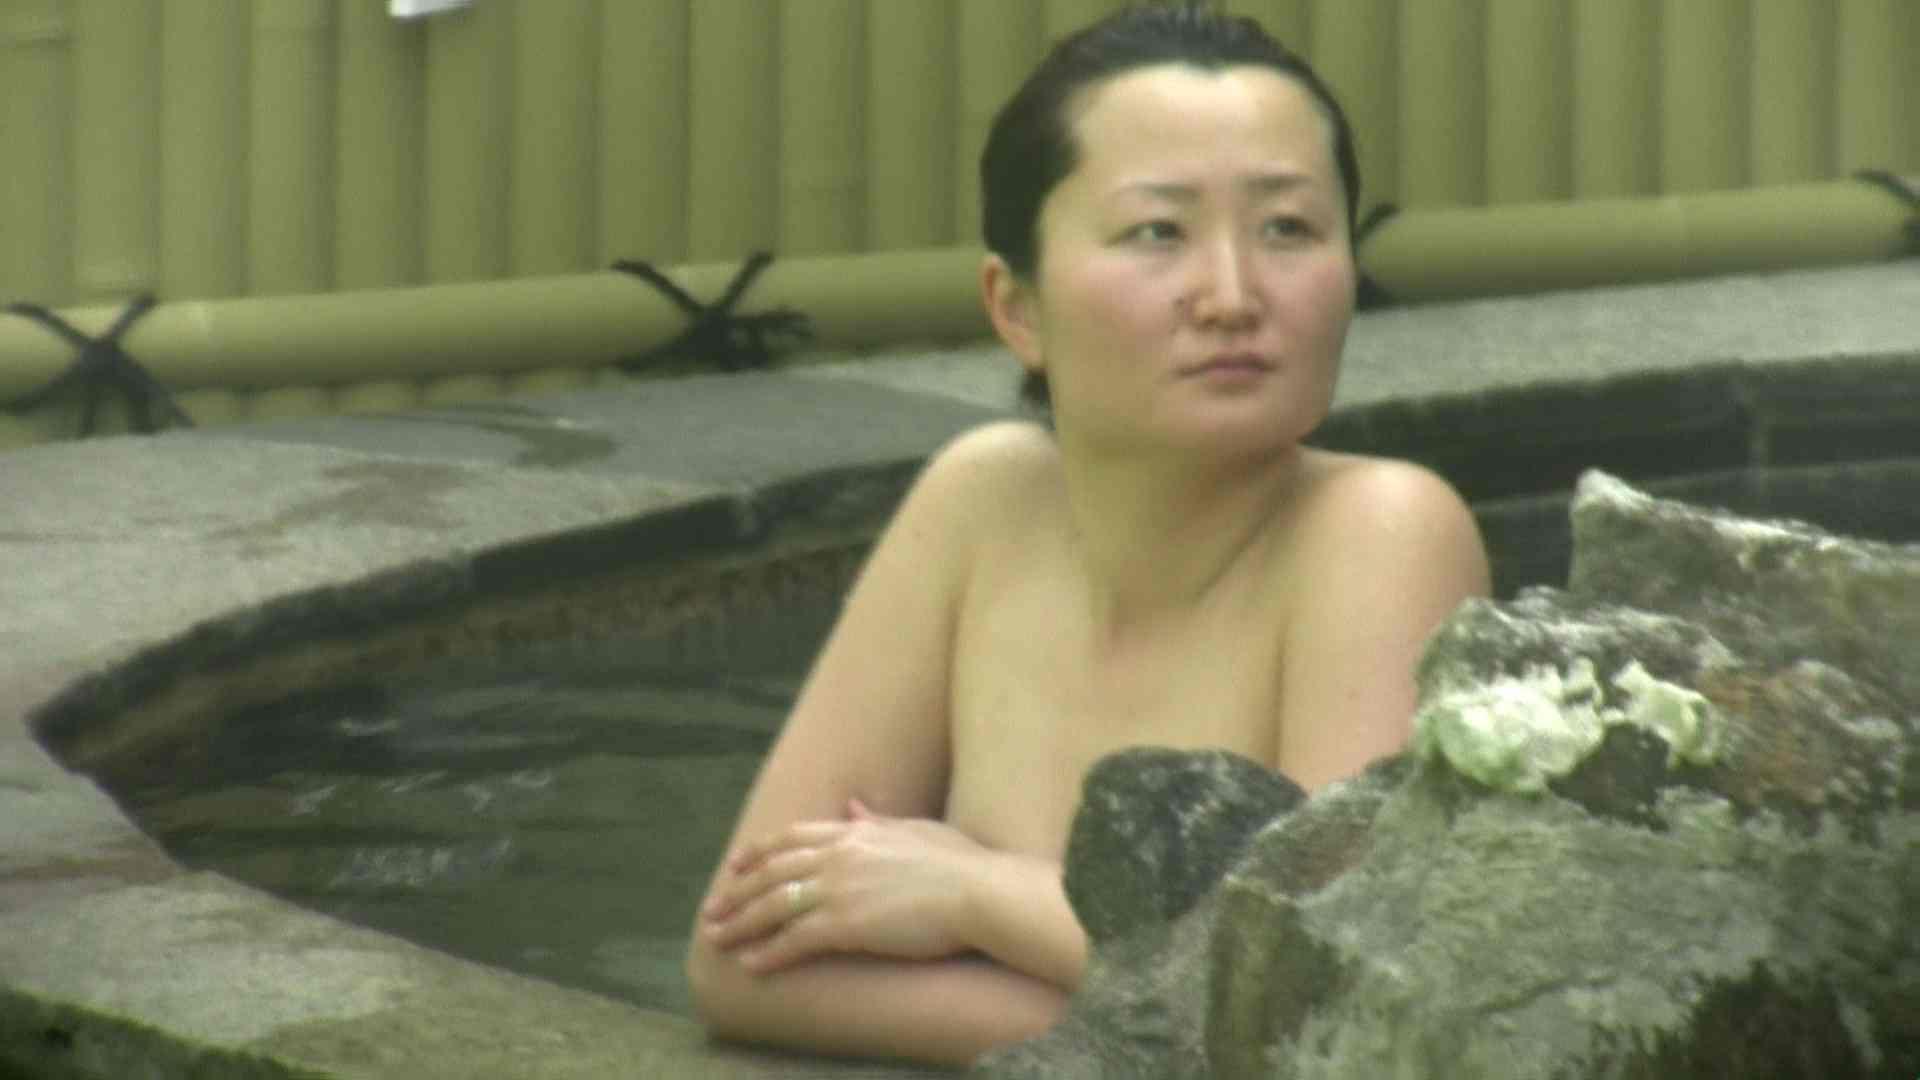 Aquaな露天風呂Vol.632 盗撮シリーズ  100PIX 70